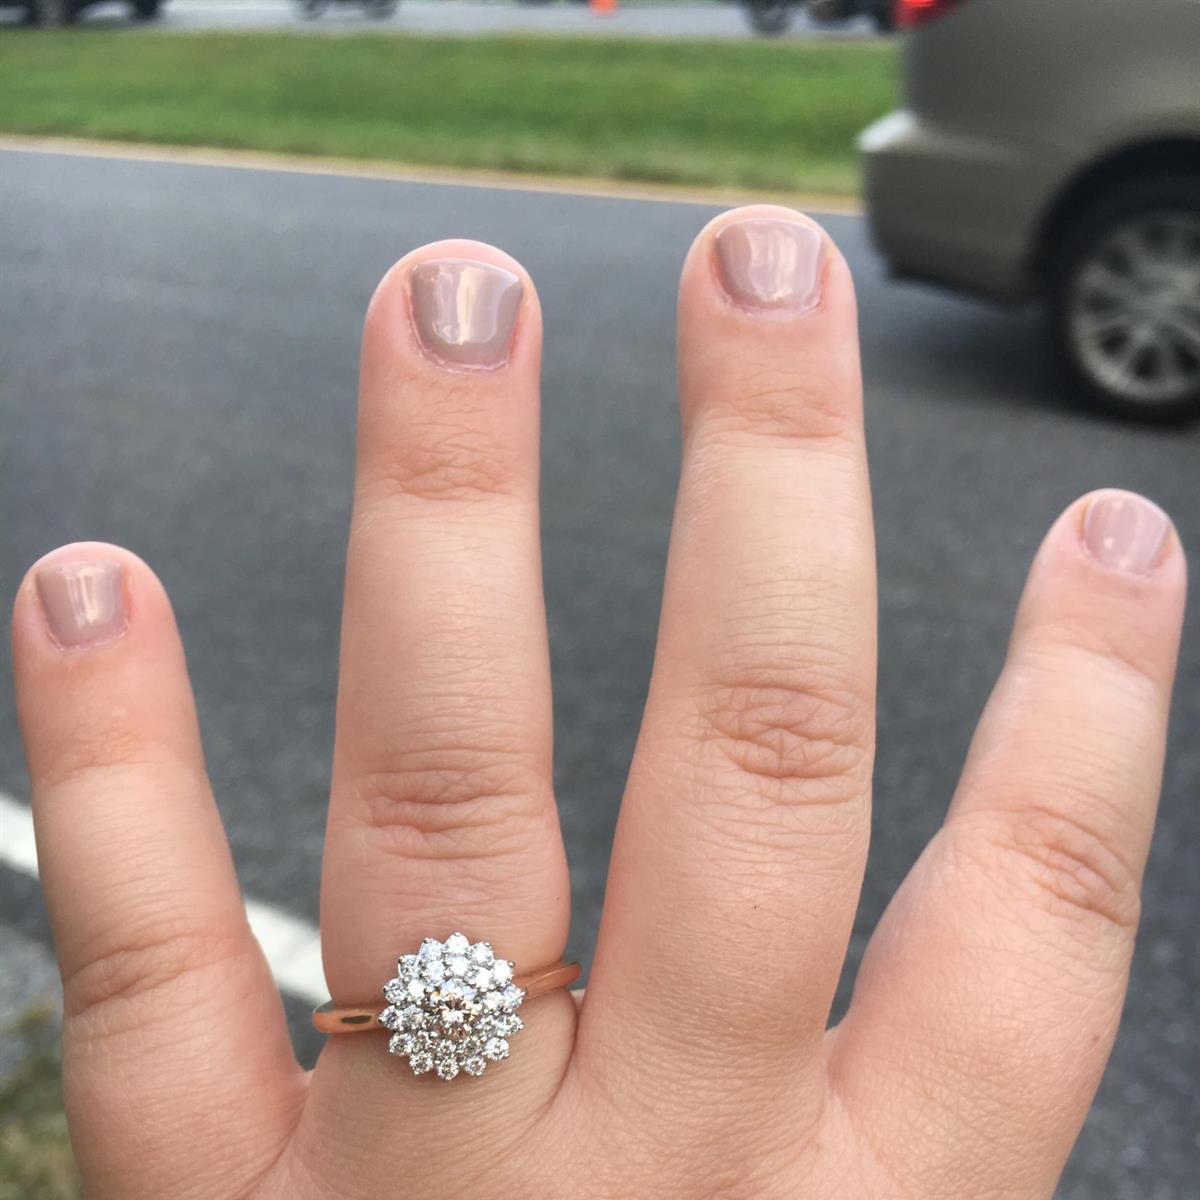 Ashley's Engagement Ring